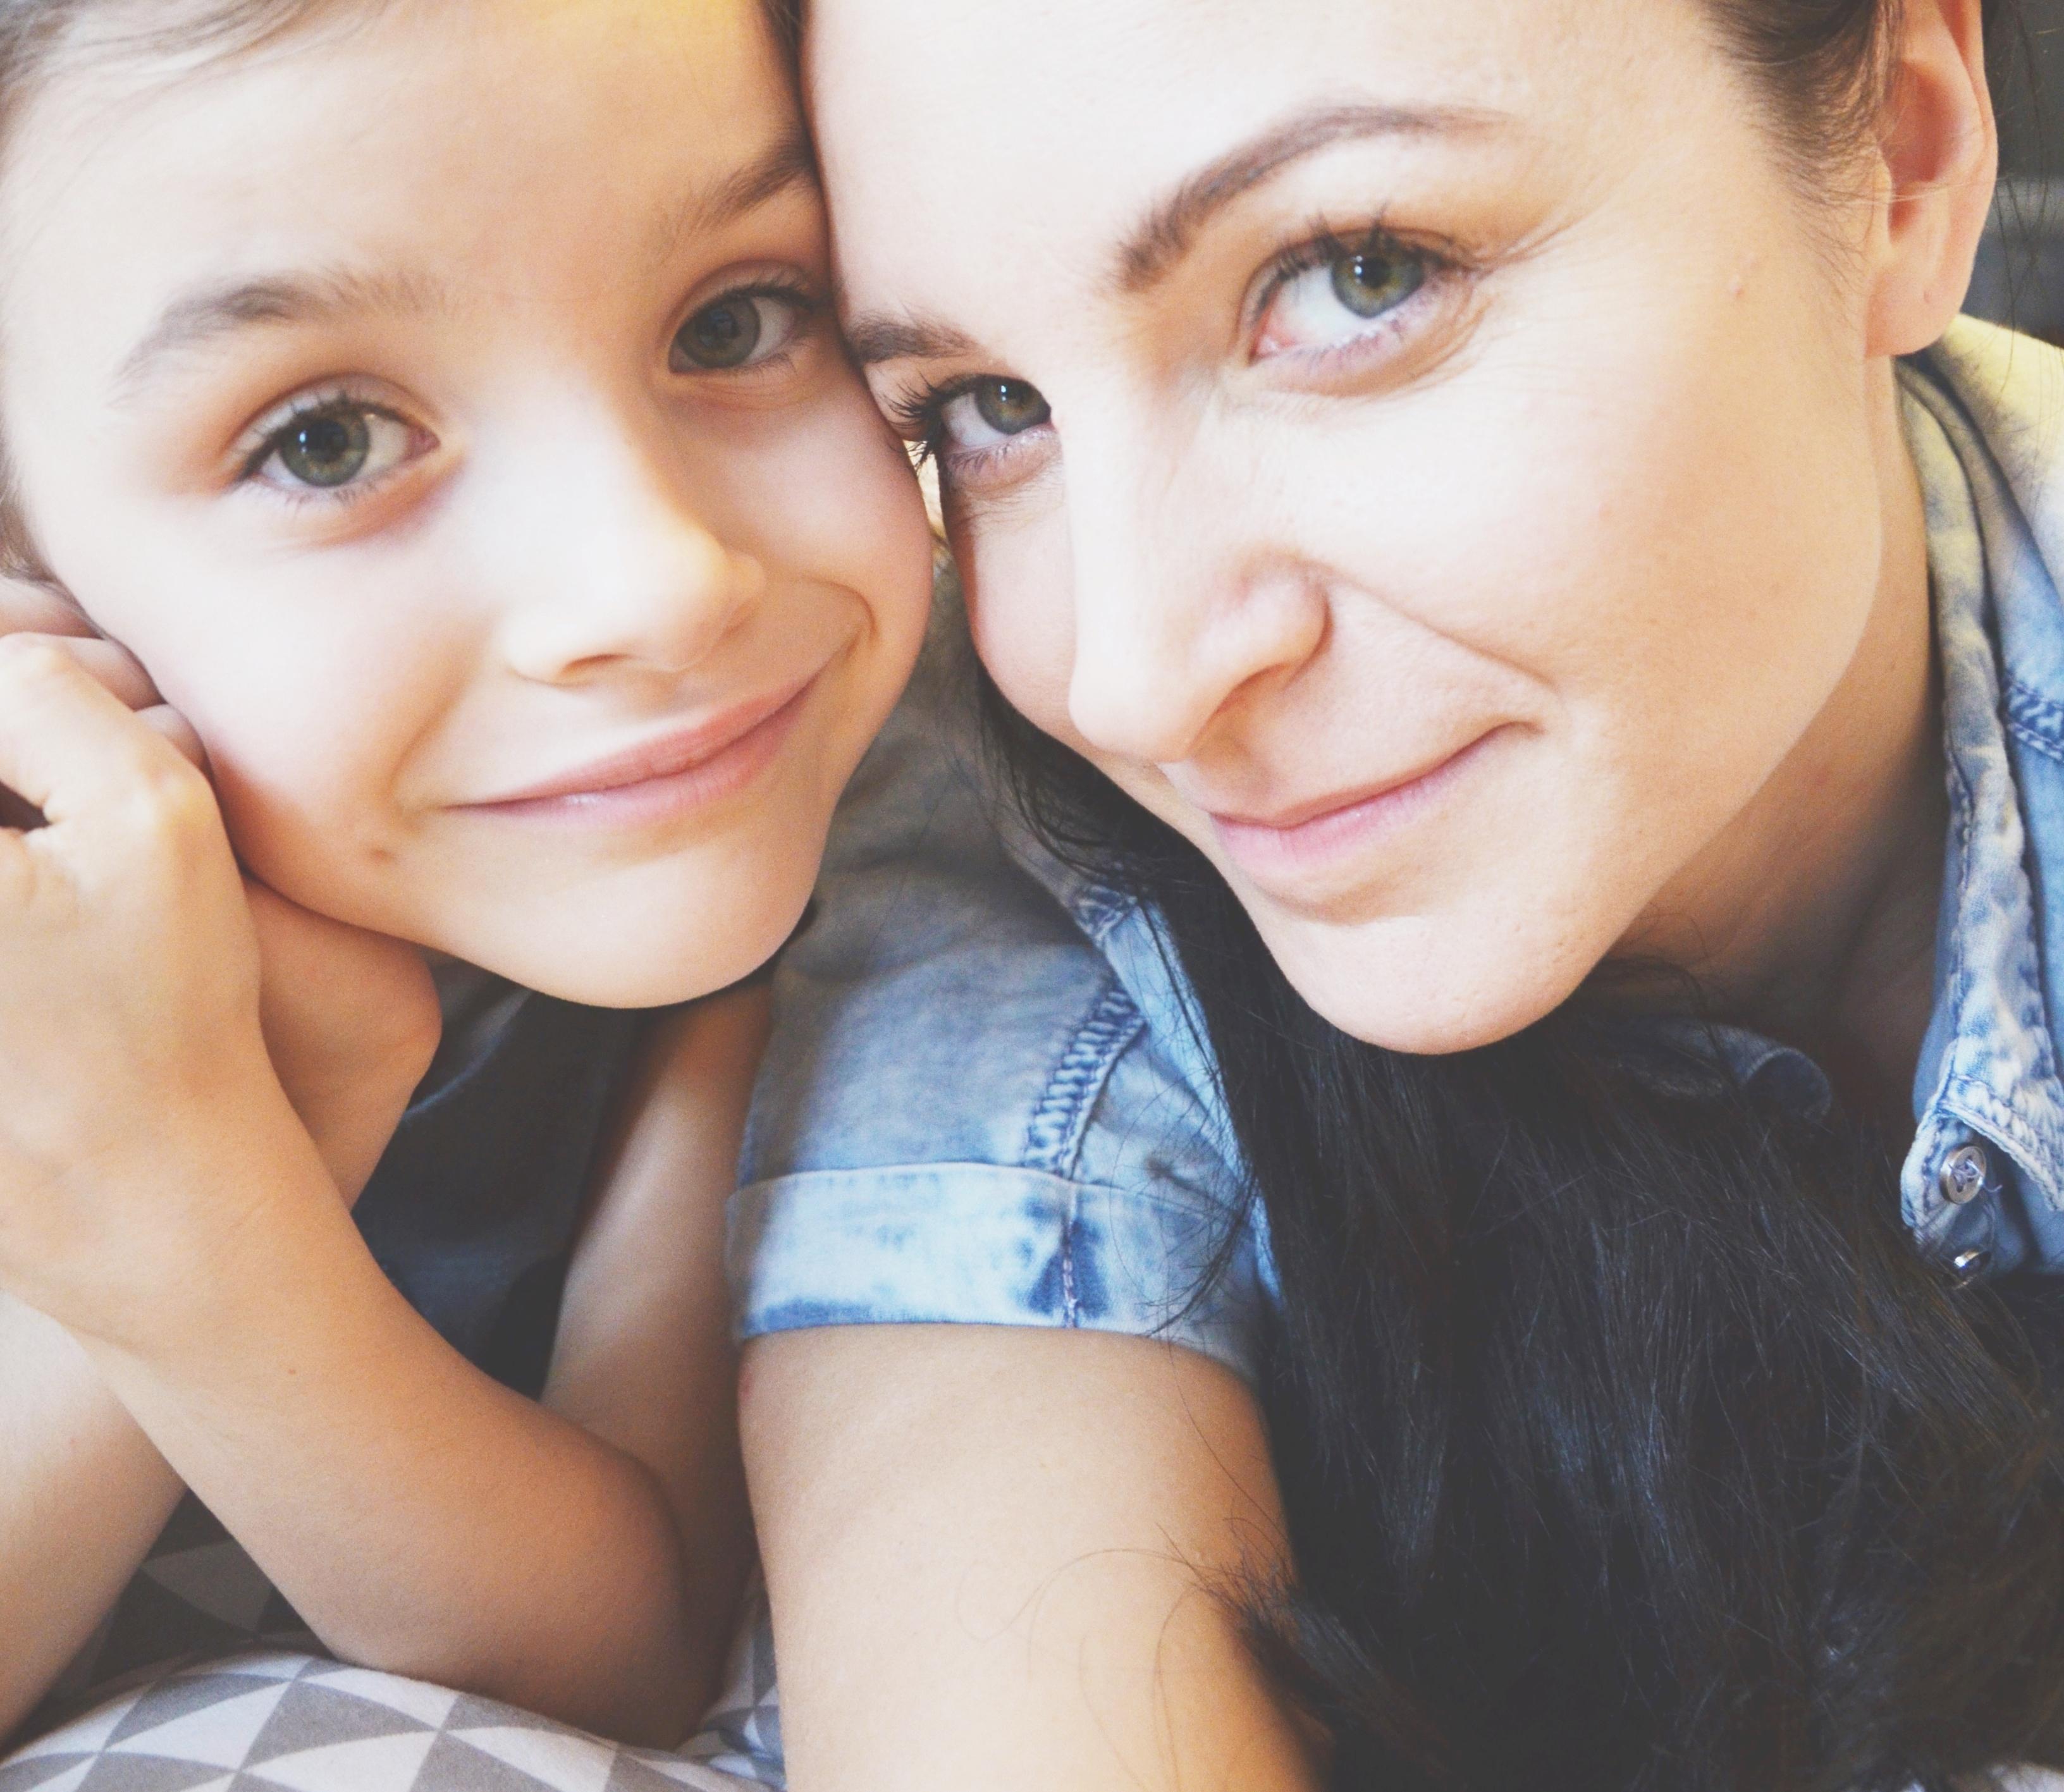 matka i córka new 10